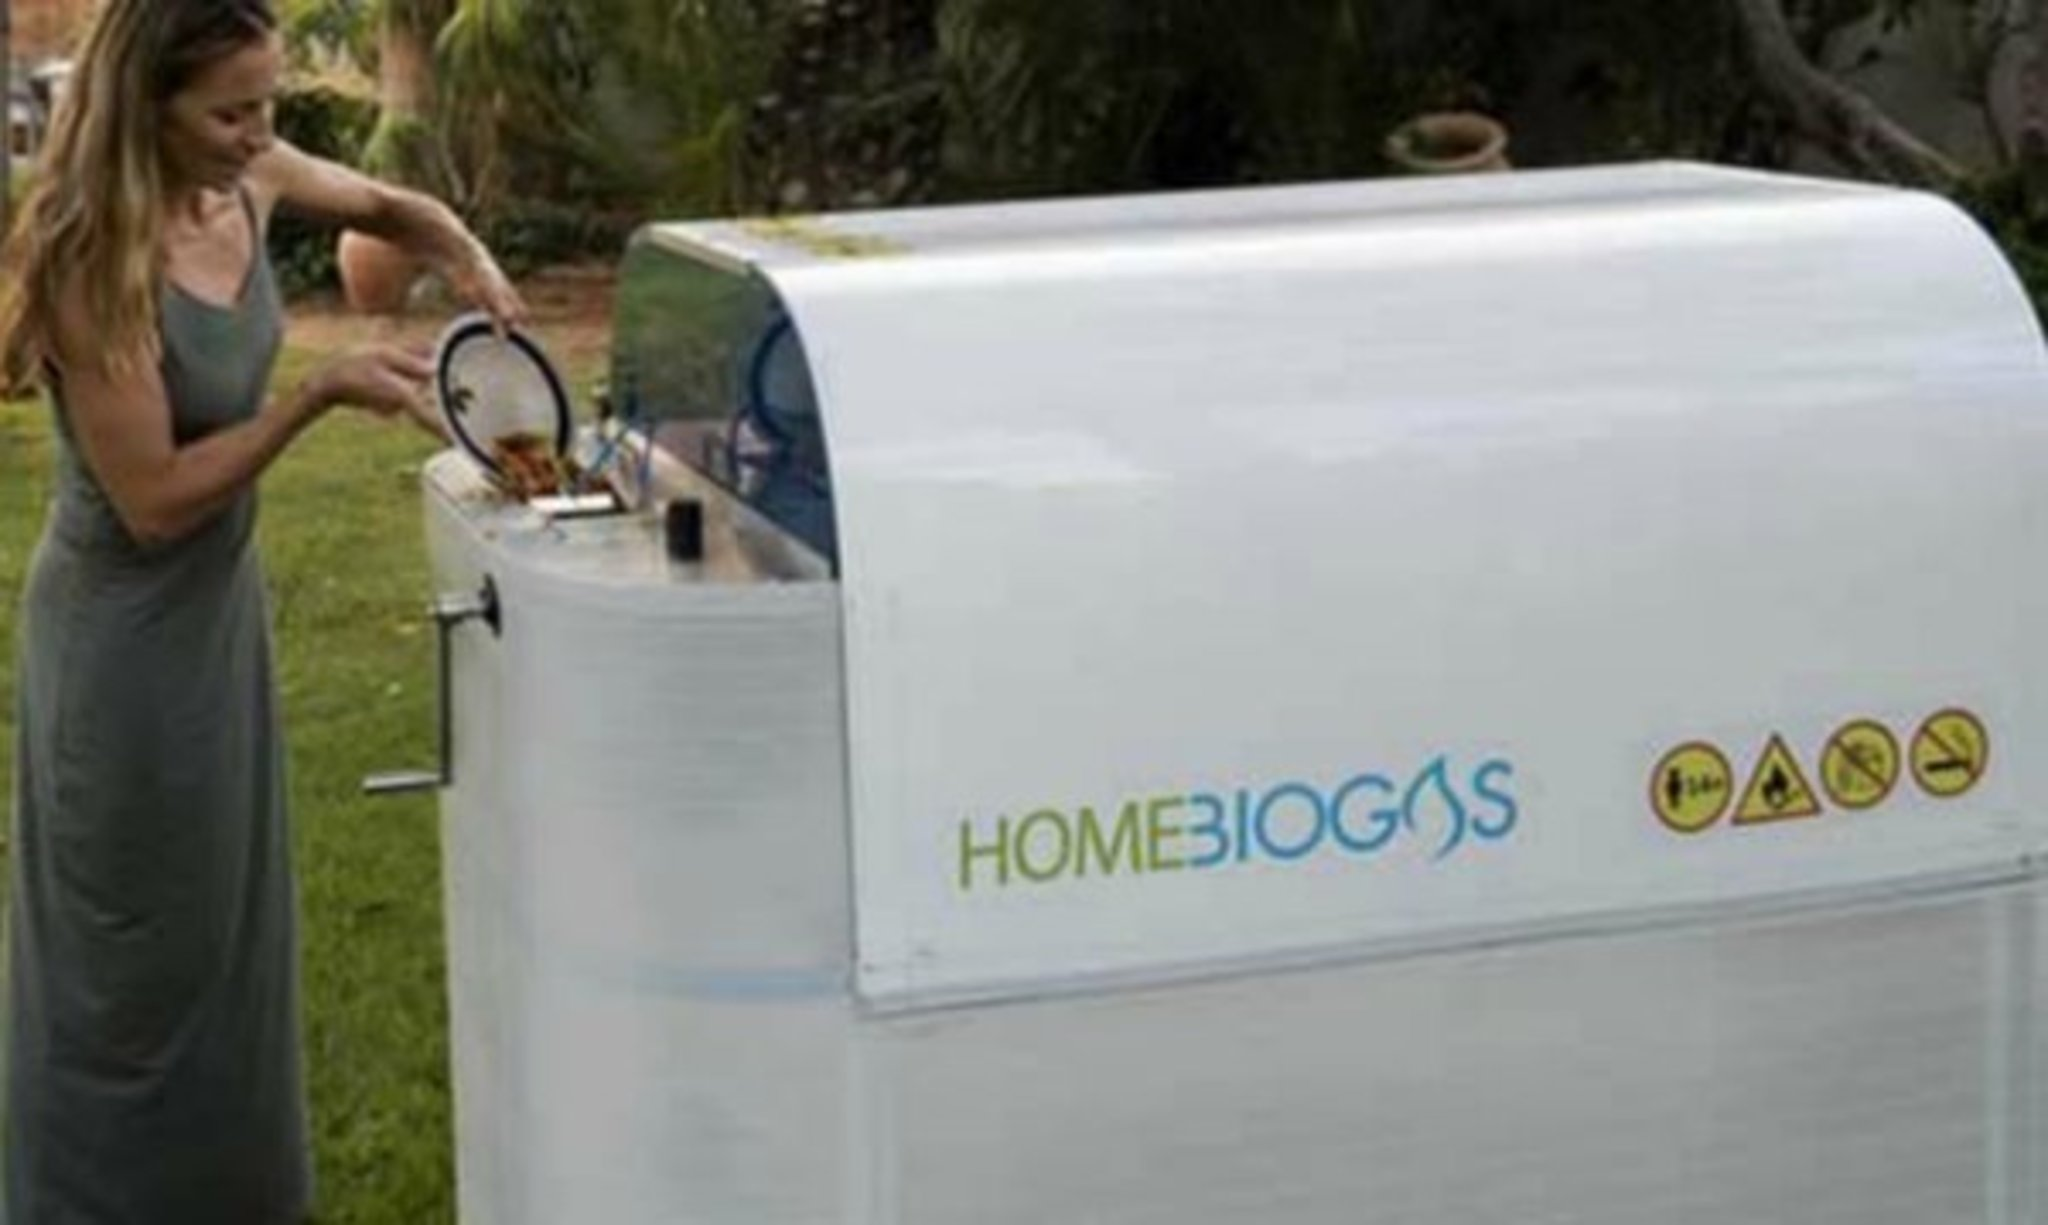 Berühmt Mini Biogas Anlage wird zum Internet Hit - Was kosten Heim Biogas #HU_93